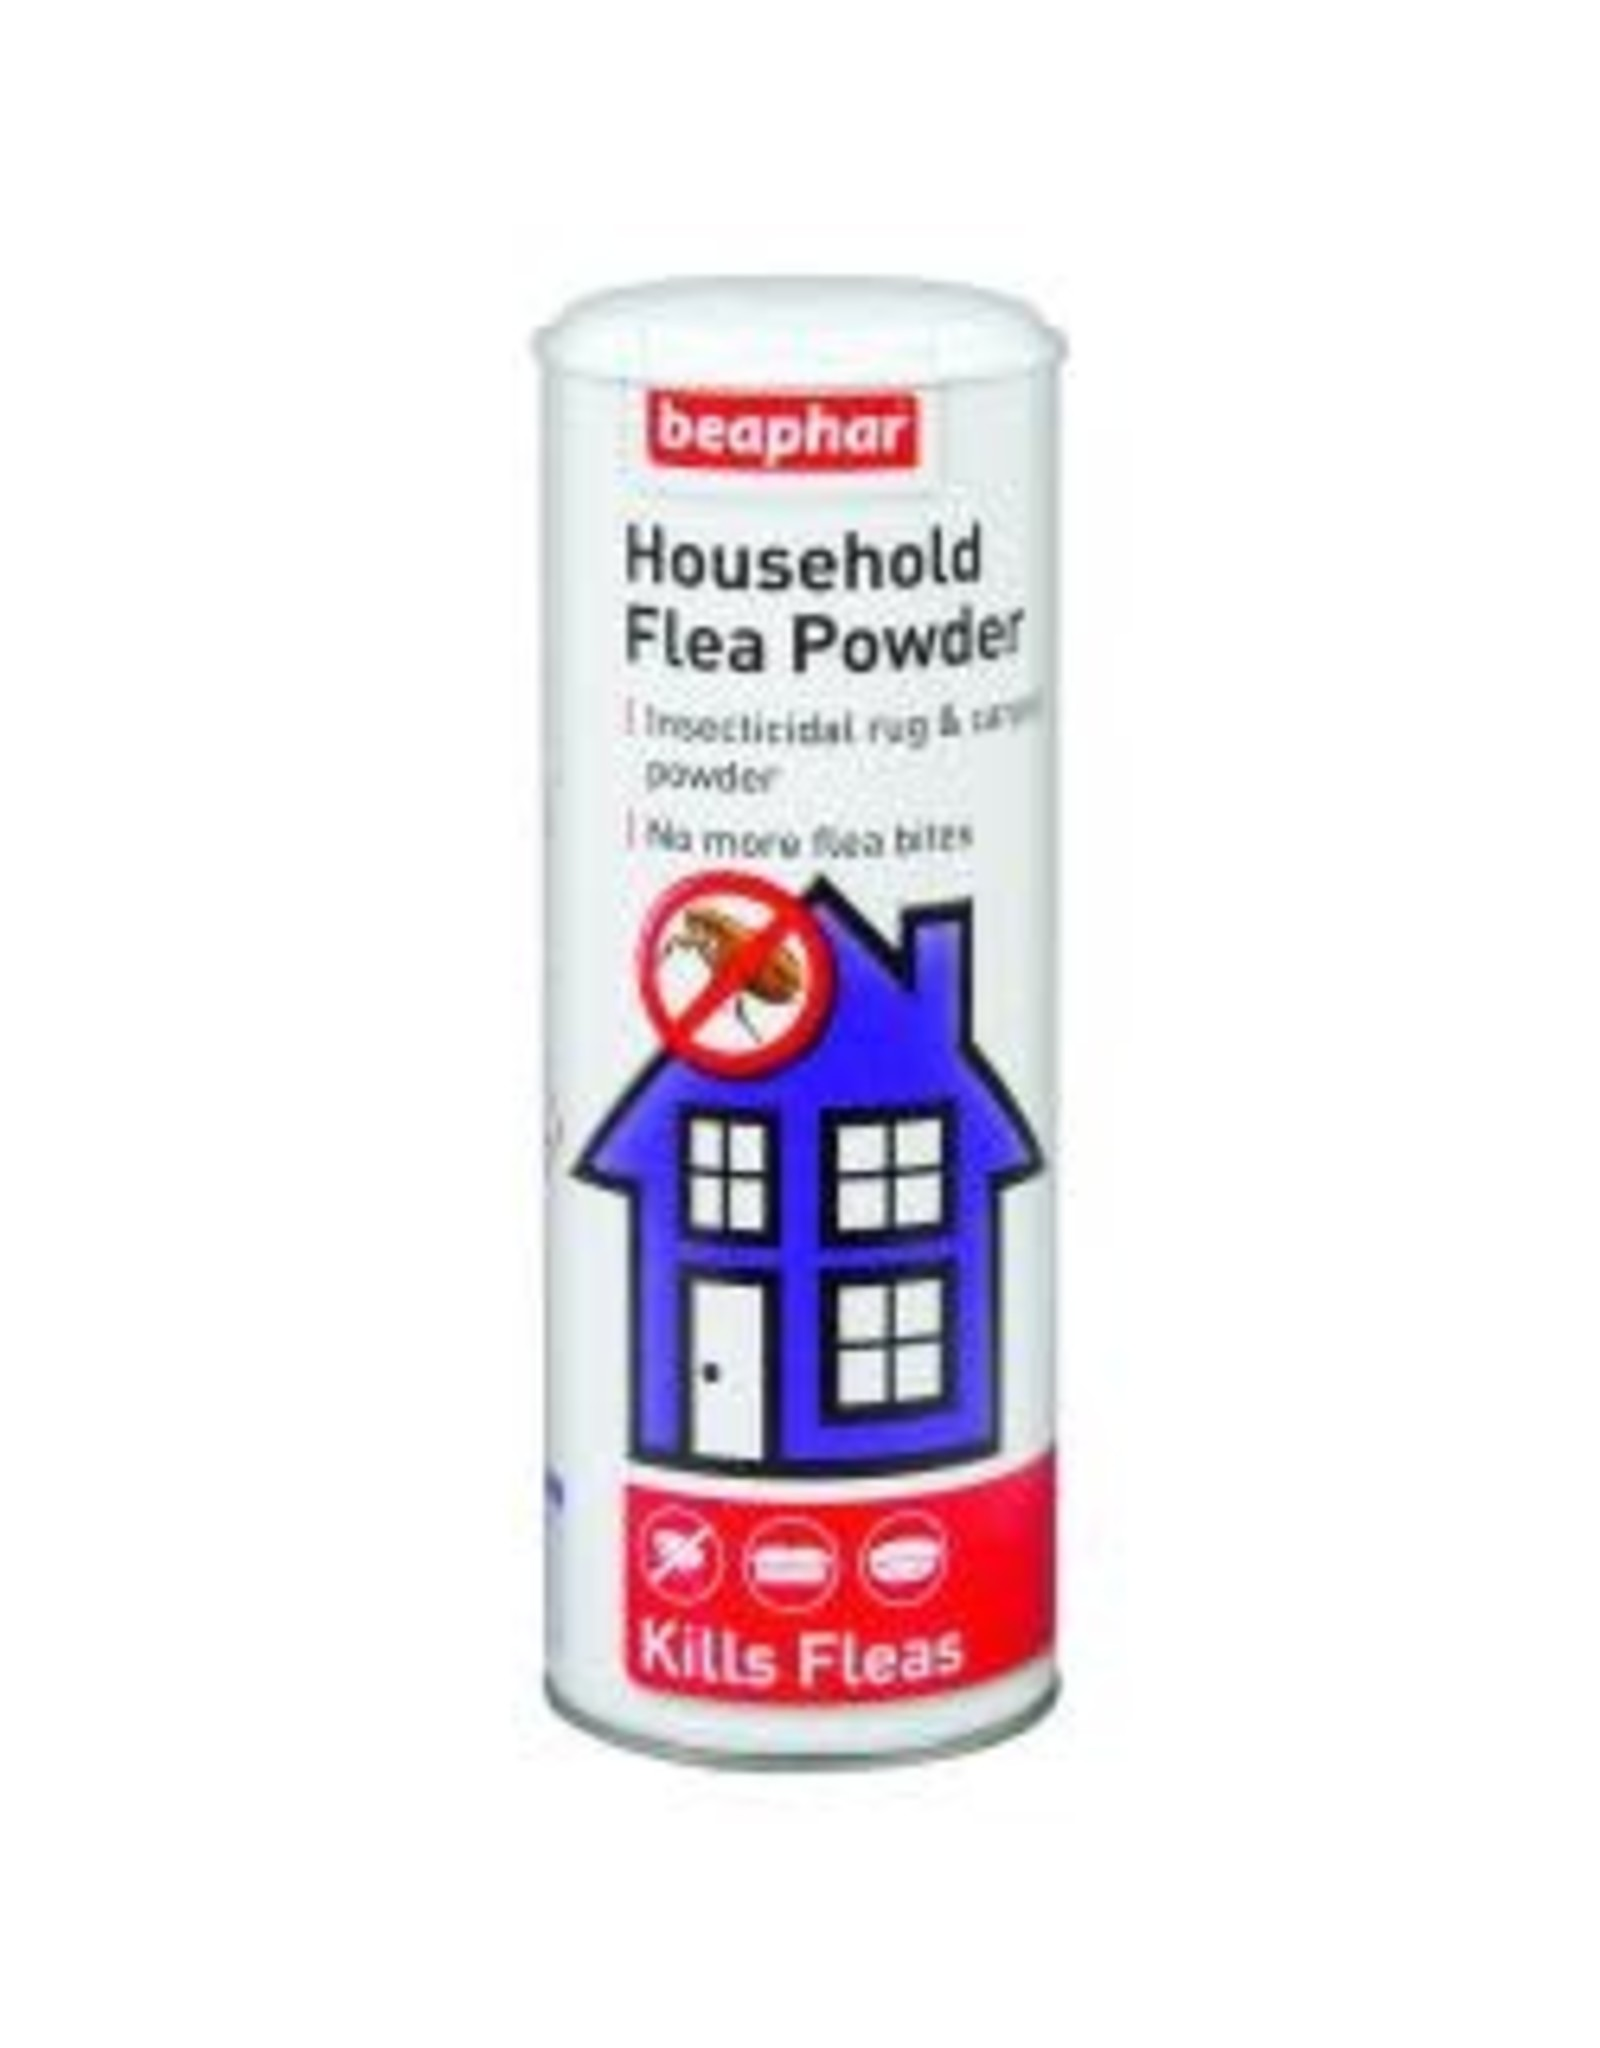 Beaphar Beaphar Household Flea Powder 300g